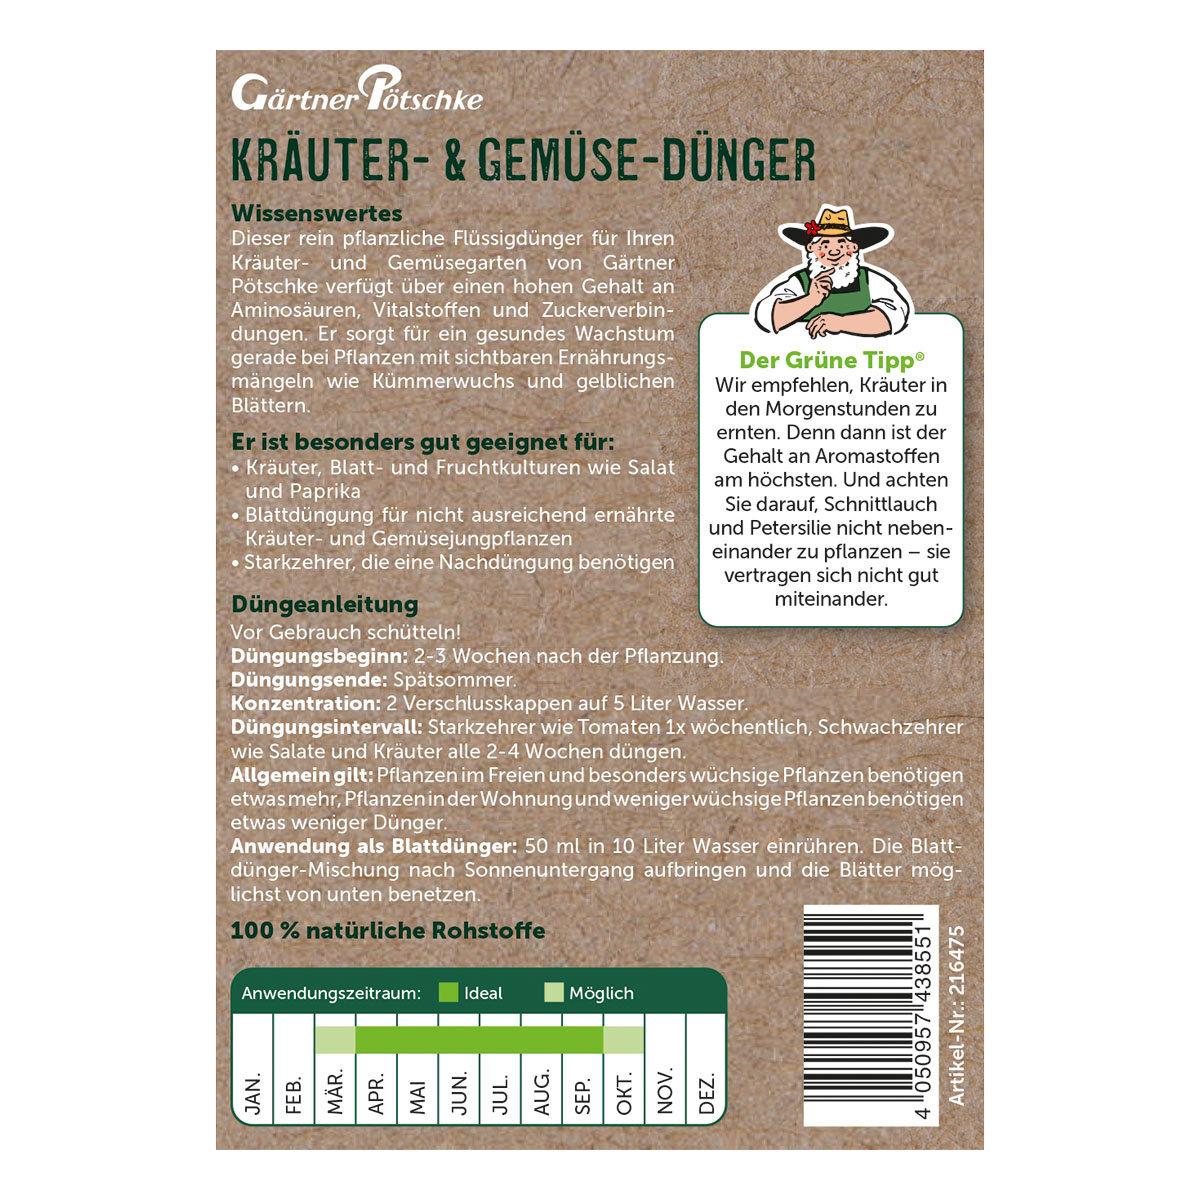 Kräuter- und Gemüse-Dünger flüssig, 1 l   #2